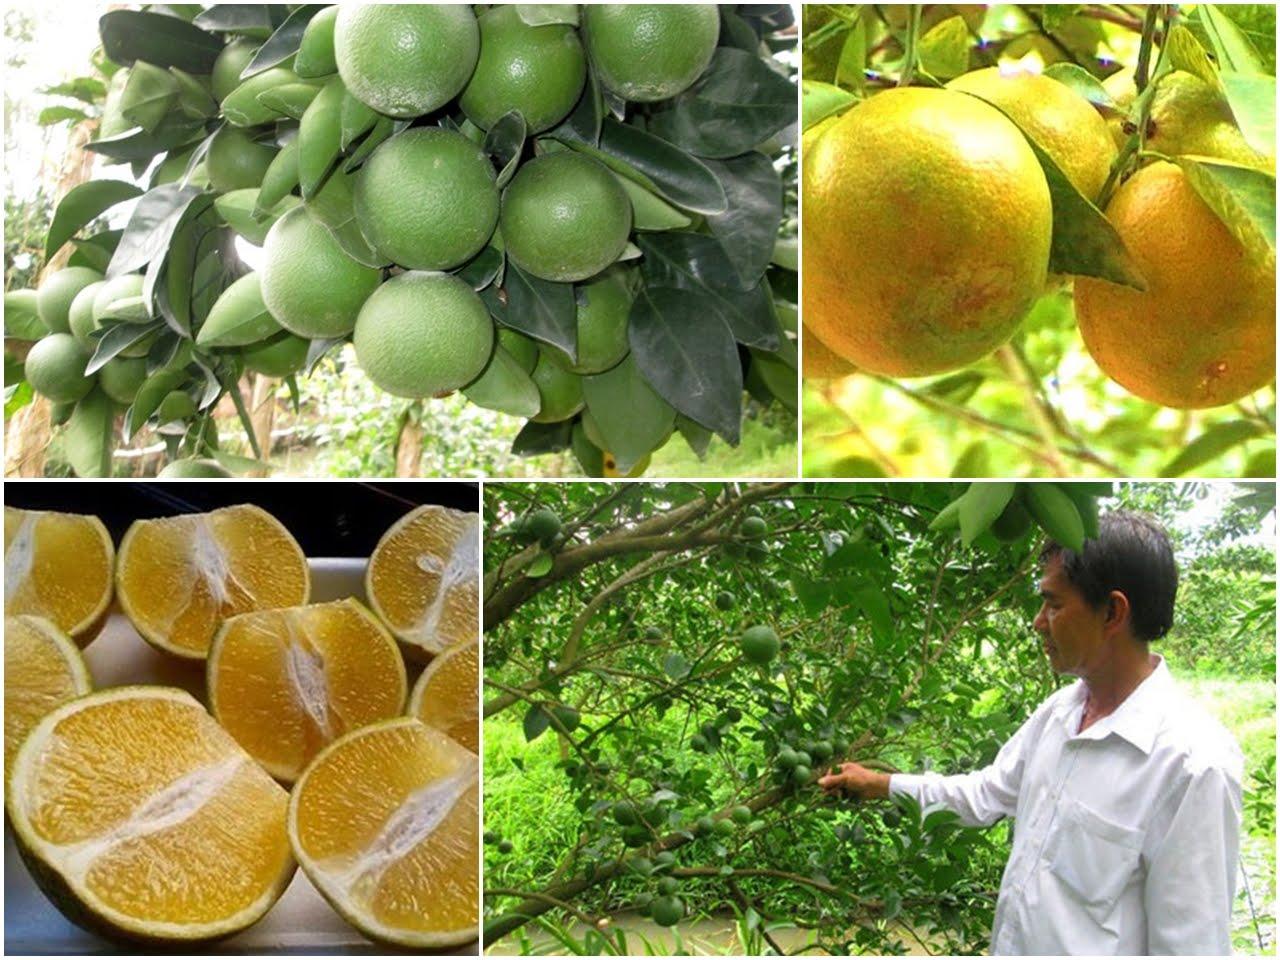 เกษตรกรในฝุงเหียบจังหวัดเหิวยางร่วมกันเพื่อให้ส้มซว่านครองส่วนแบ่งในตลาด